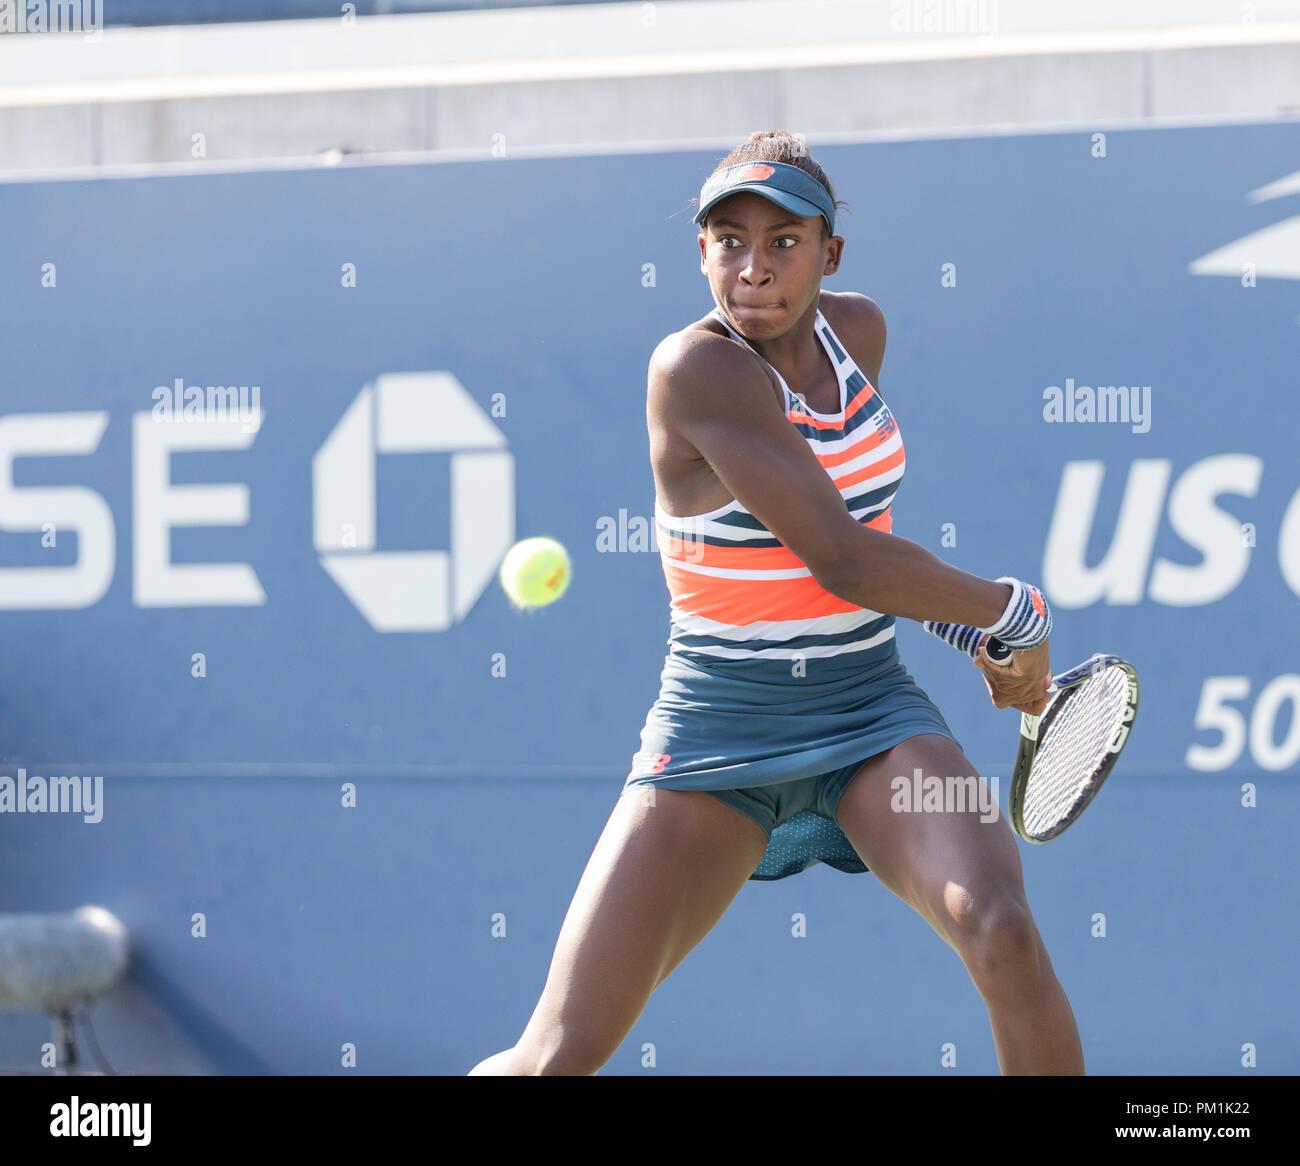 New York, NY - 6 septembre 2018: Cori Gauff de USA retourne ball au cours de l'US Open 2018 junior filles 3e match contre Oksana Selekhmeteva de la Russie à l'USTA Billie Jean King National Tennis Center